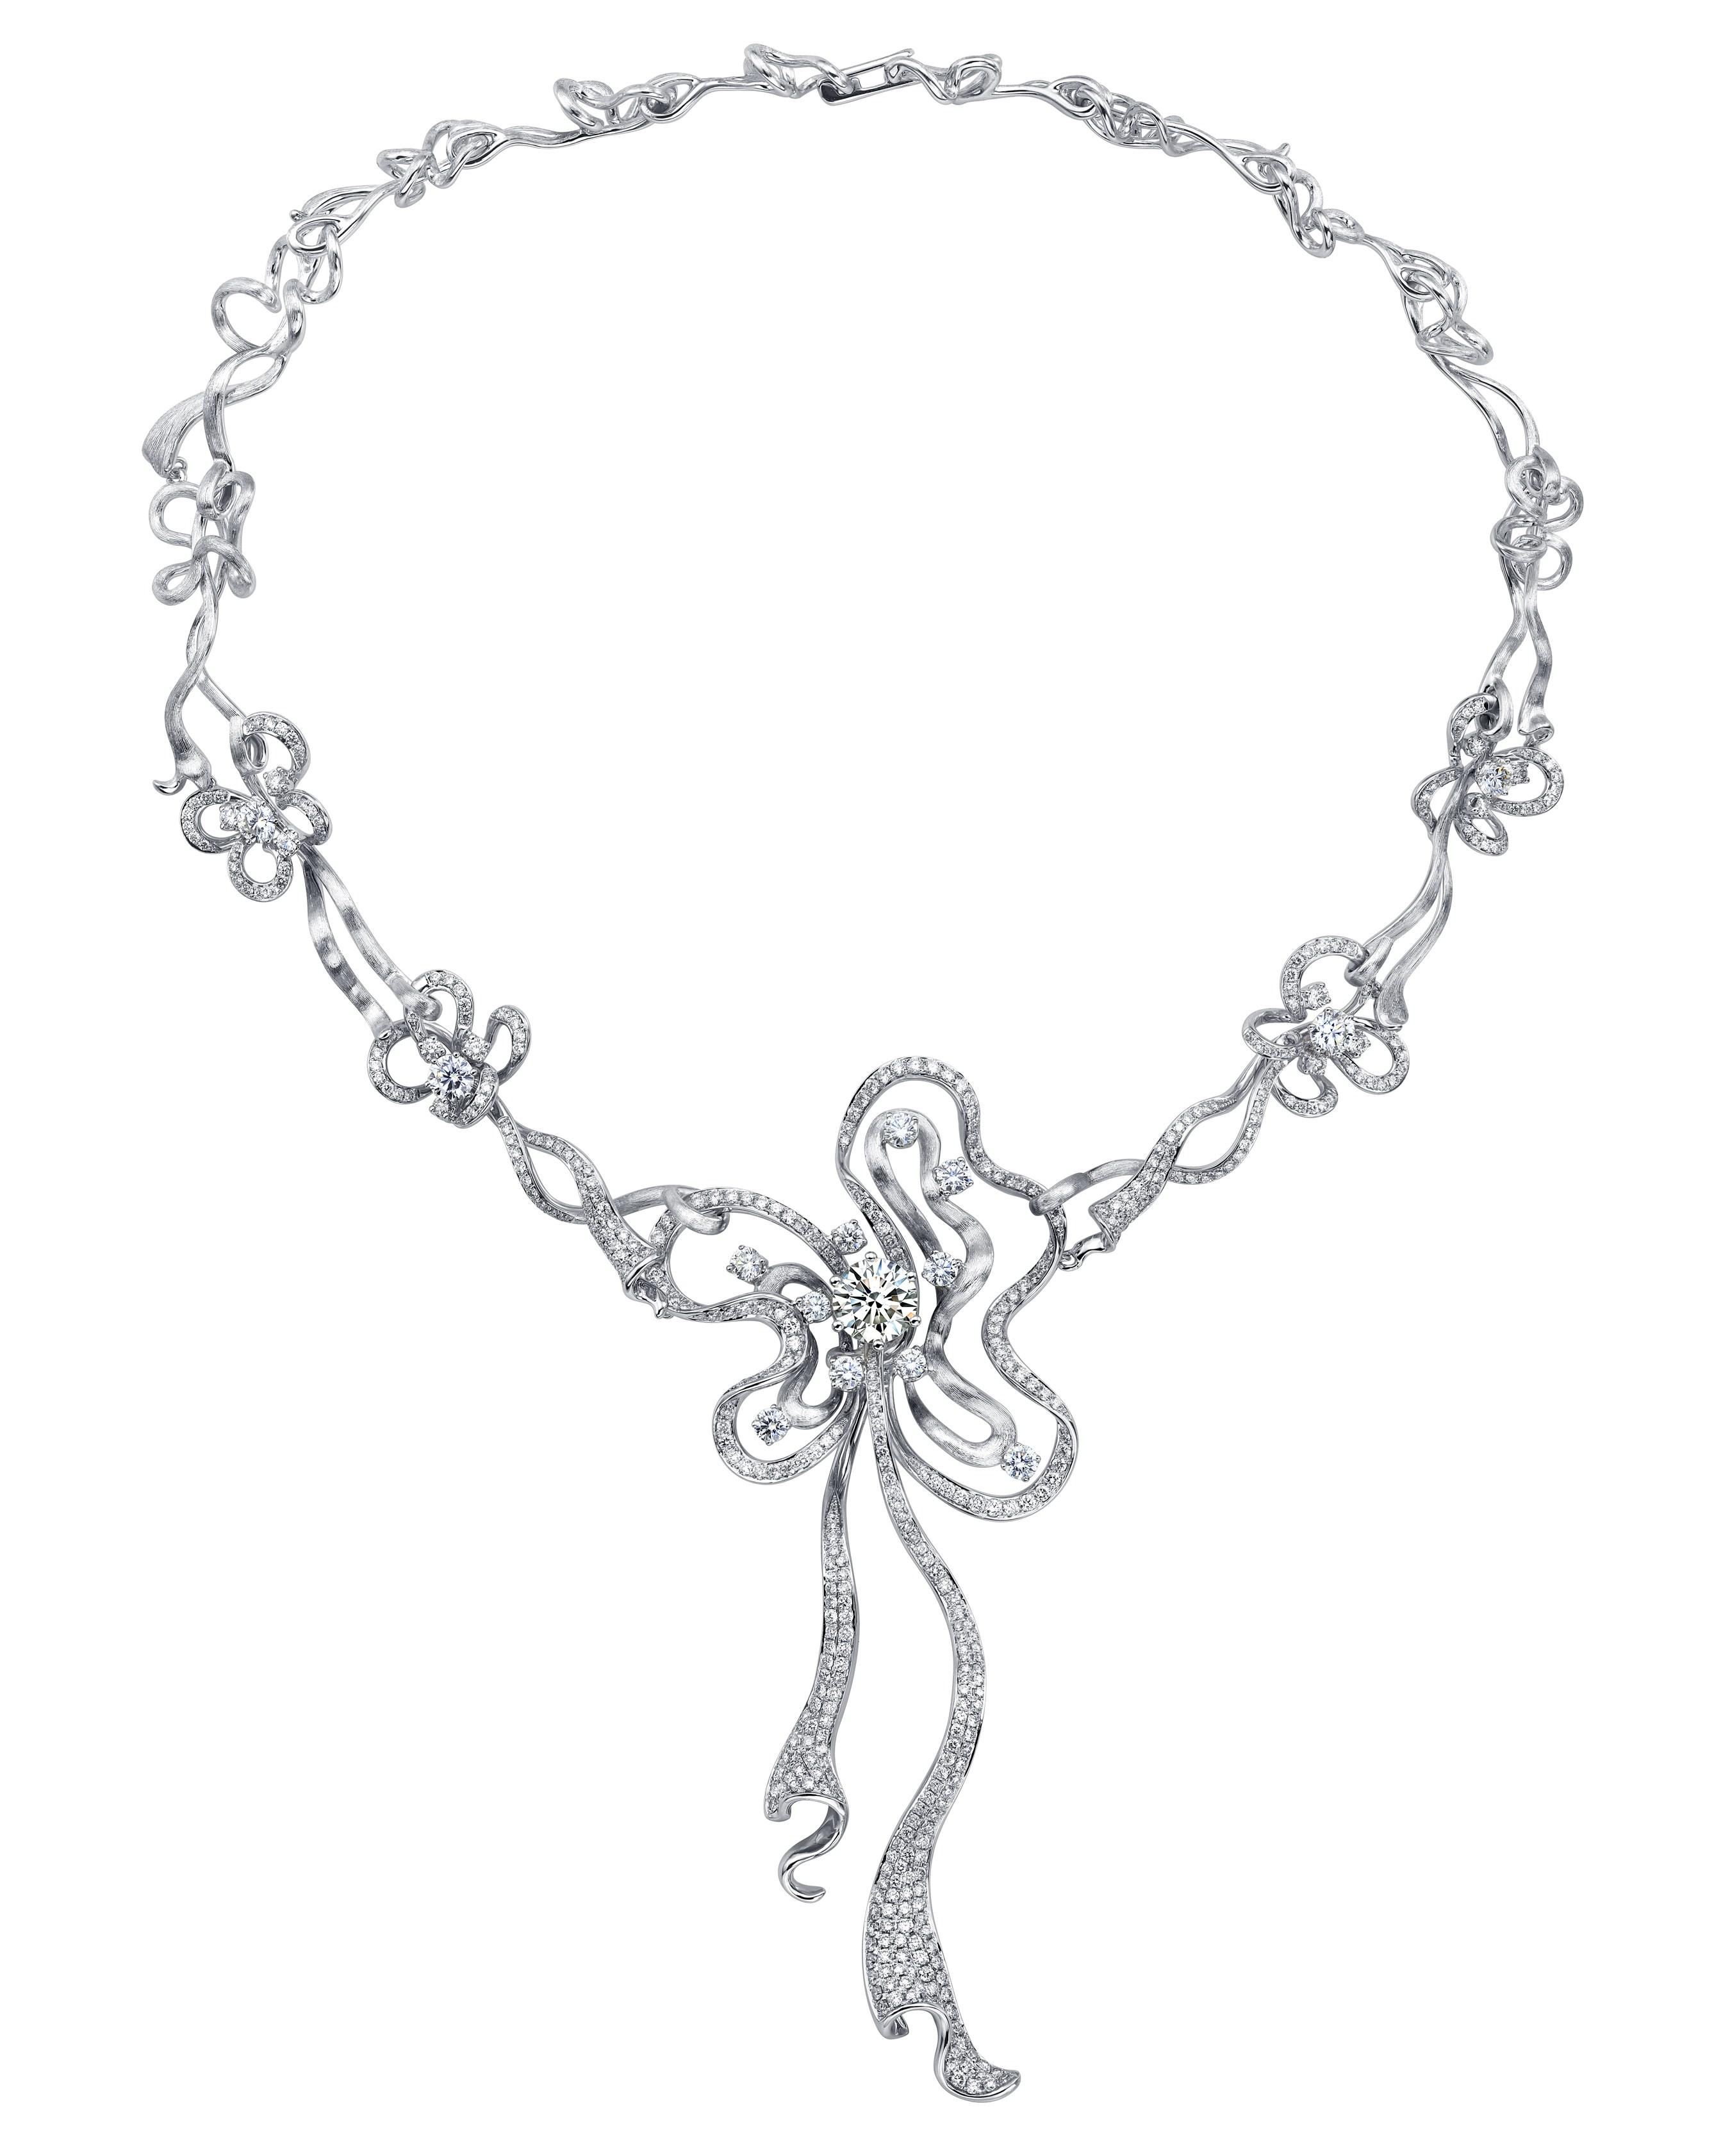 珠宝首饰毕业设计图